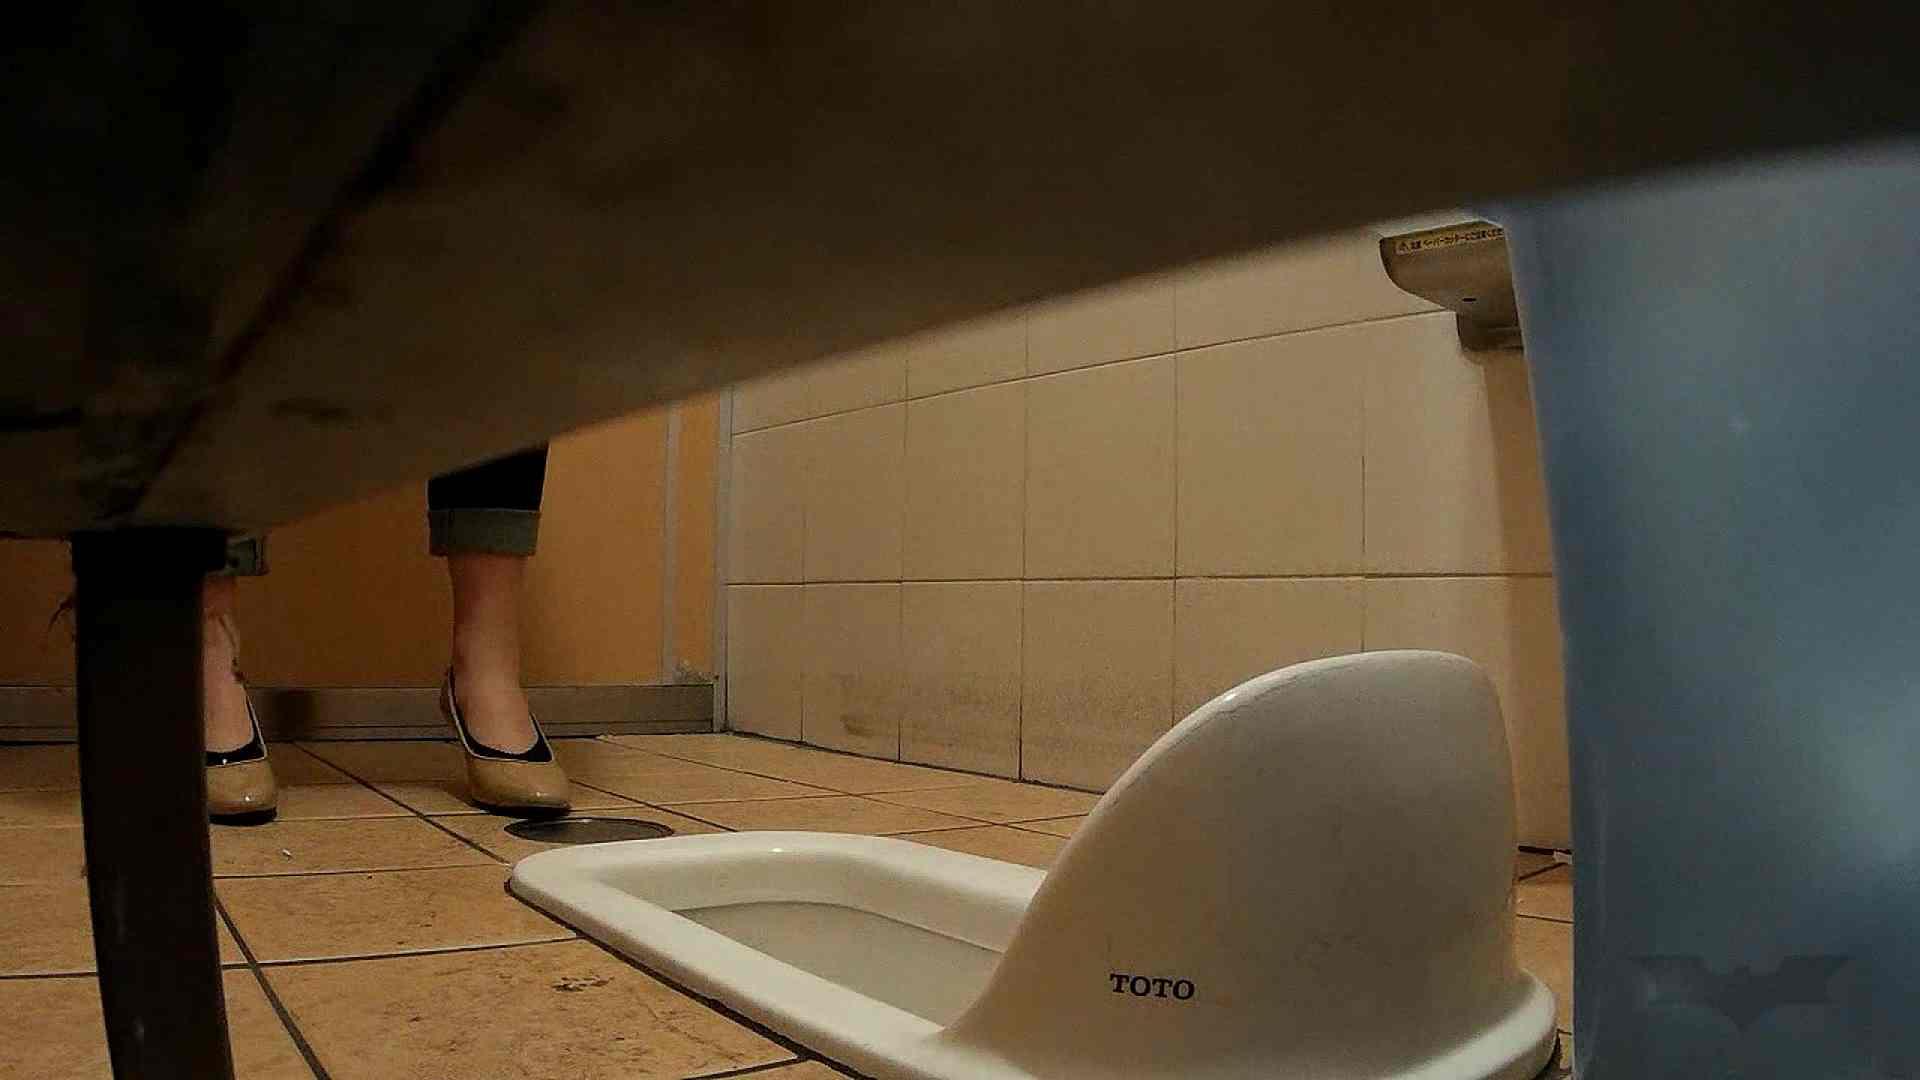 痴態洗面所 Vol.10 結構「逆」で行く人いるもんだ。「大」もあるよ。 洗面所 | 盛合せ  111画像 111